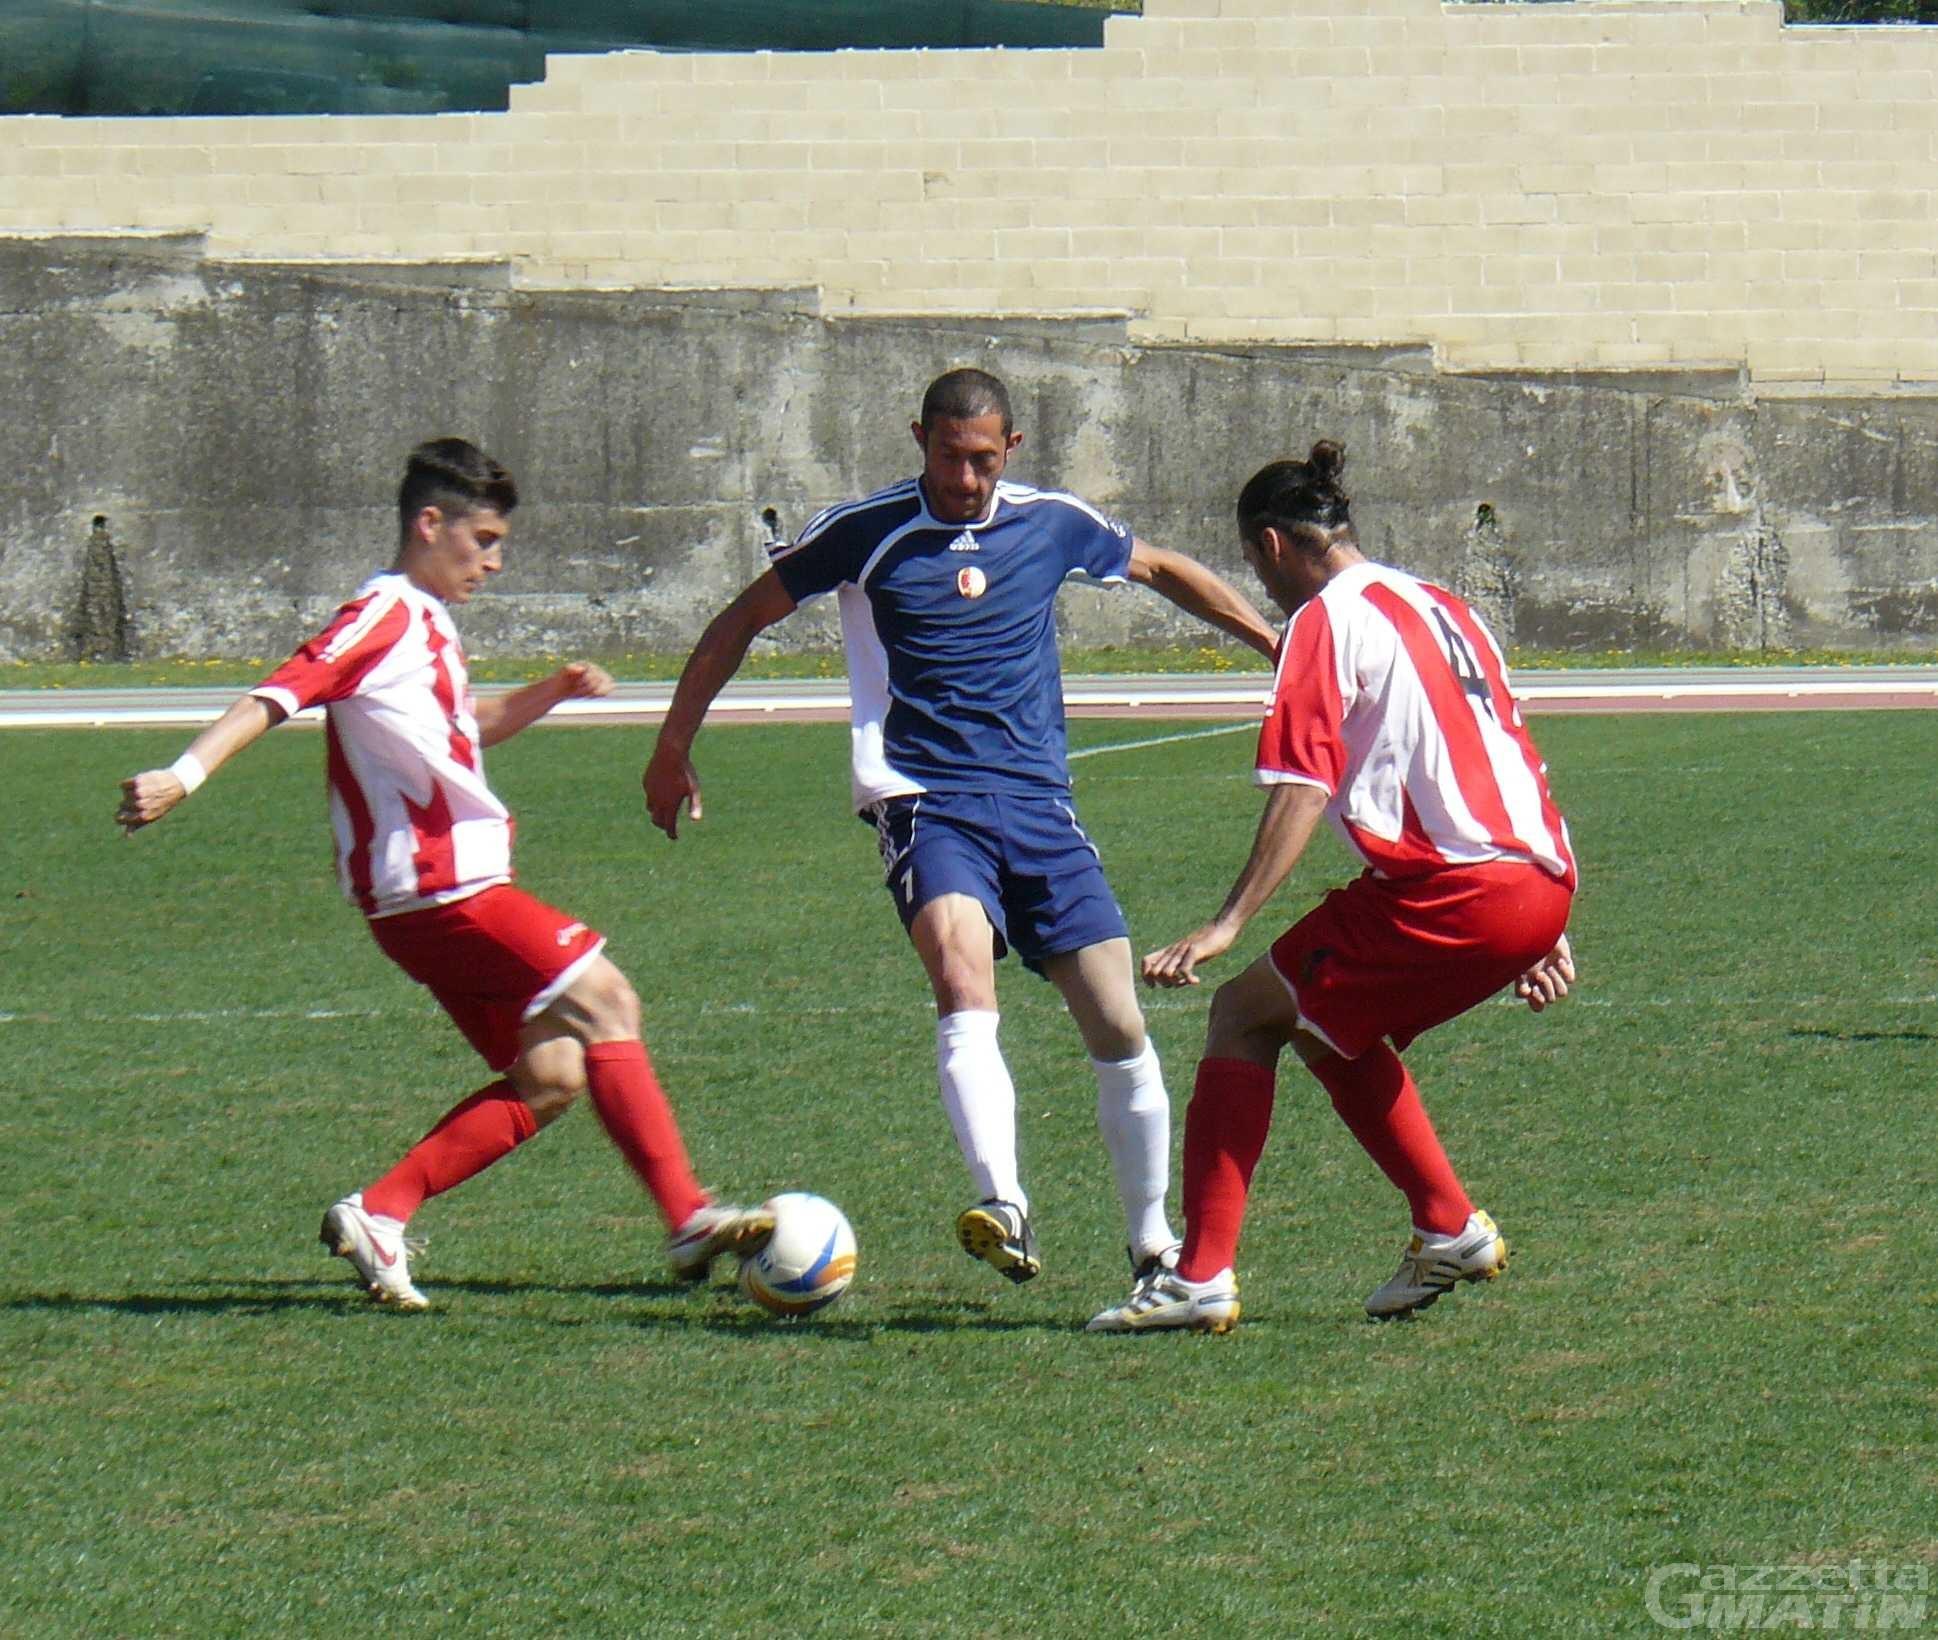 Calcio: St-Chri VdA e Monte Cervino avanzano in Coppa